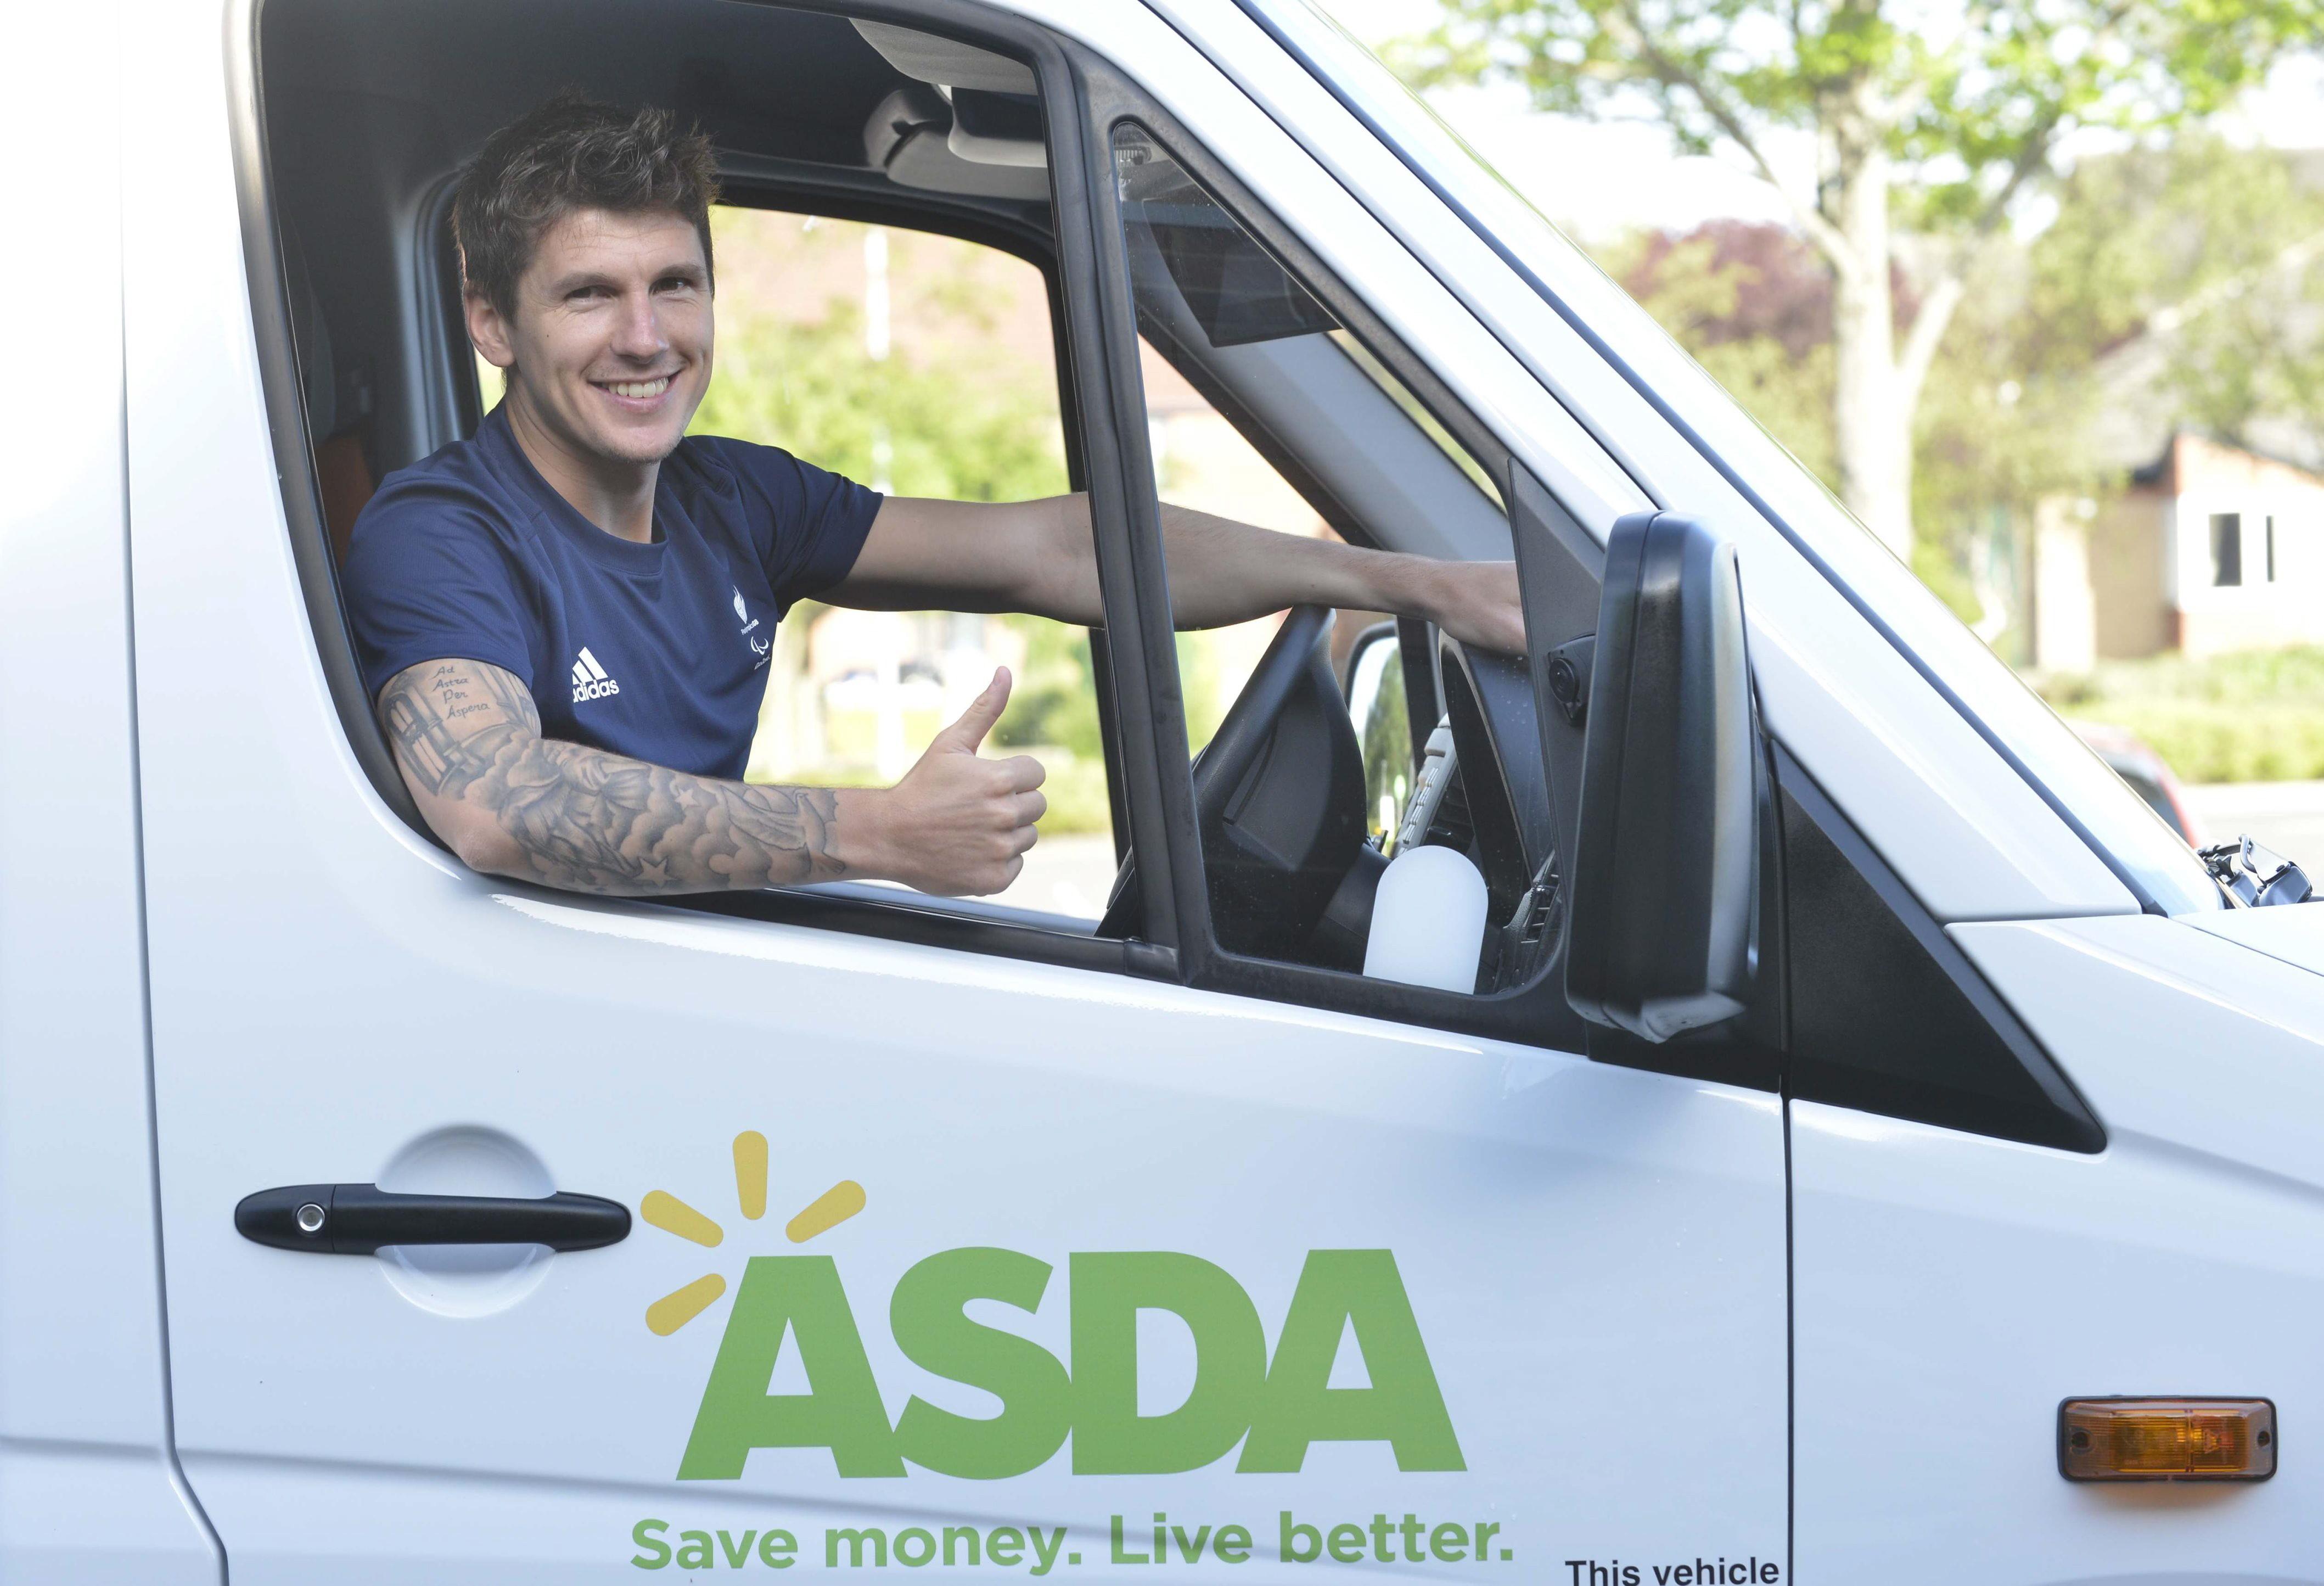 Asda Associate Matt Crossen sitting in an Asda truck